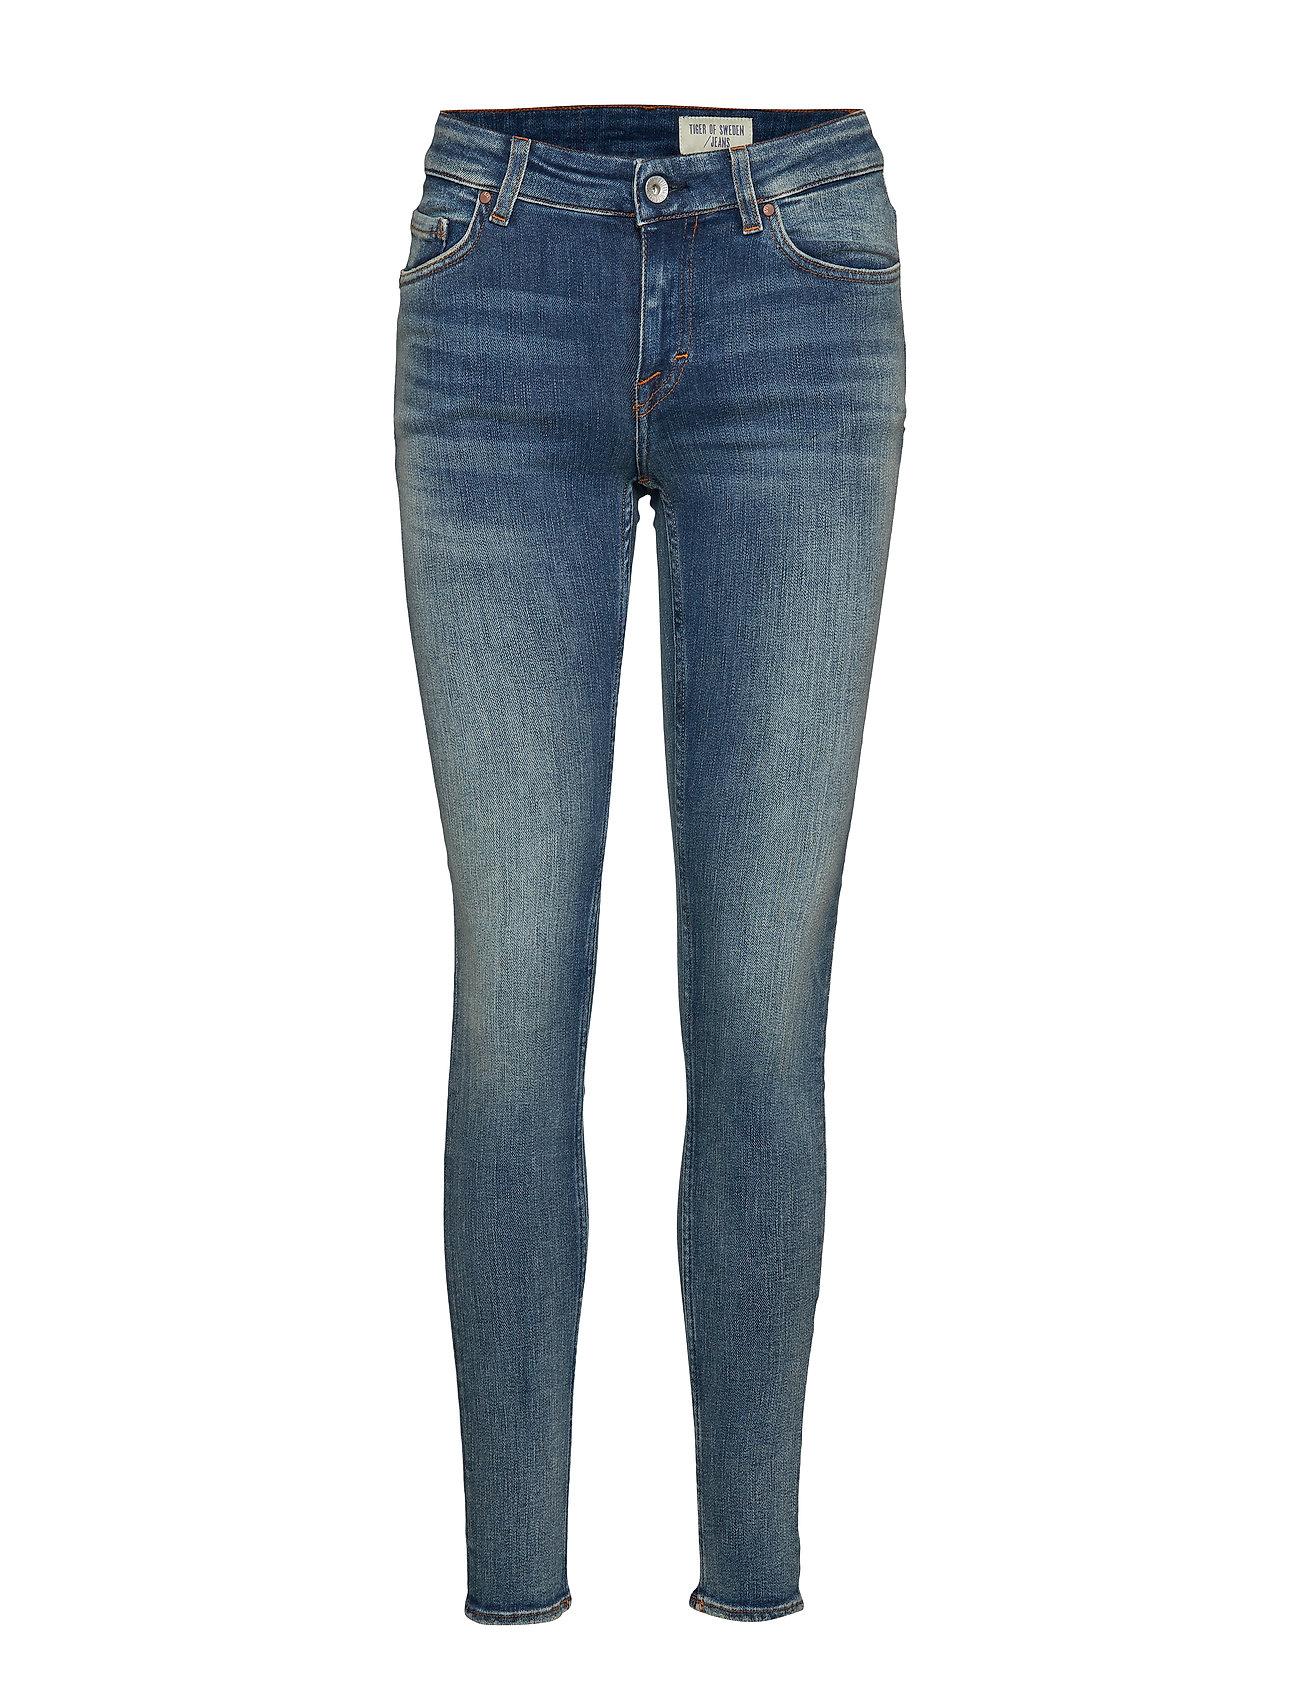 Tiger of Sweden Jeans SLIGHT - DUST BLUE